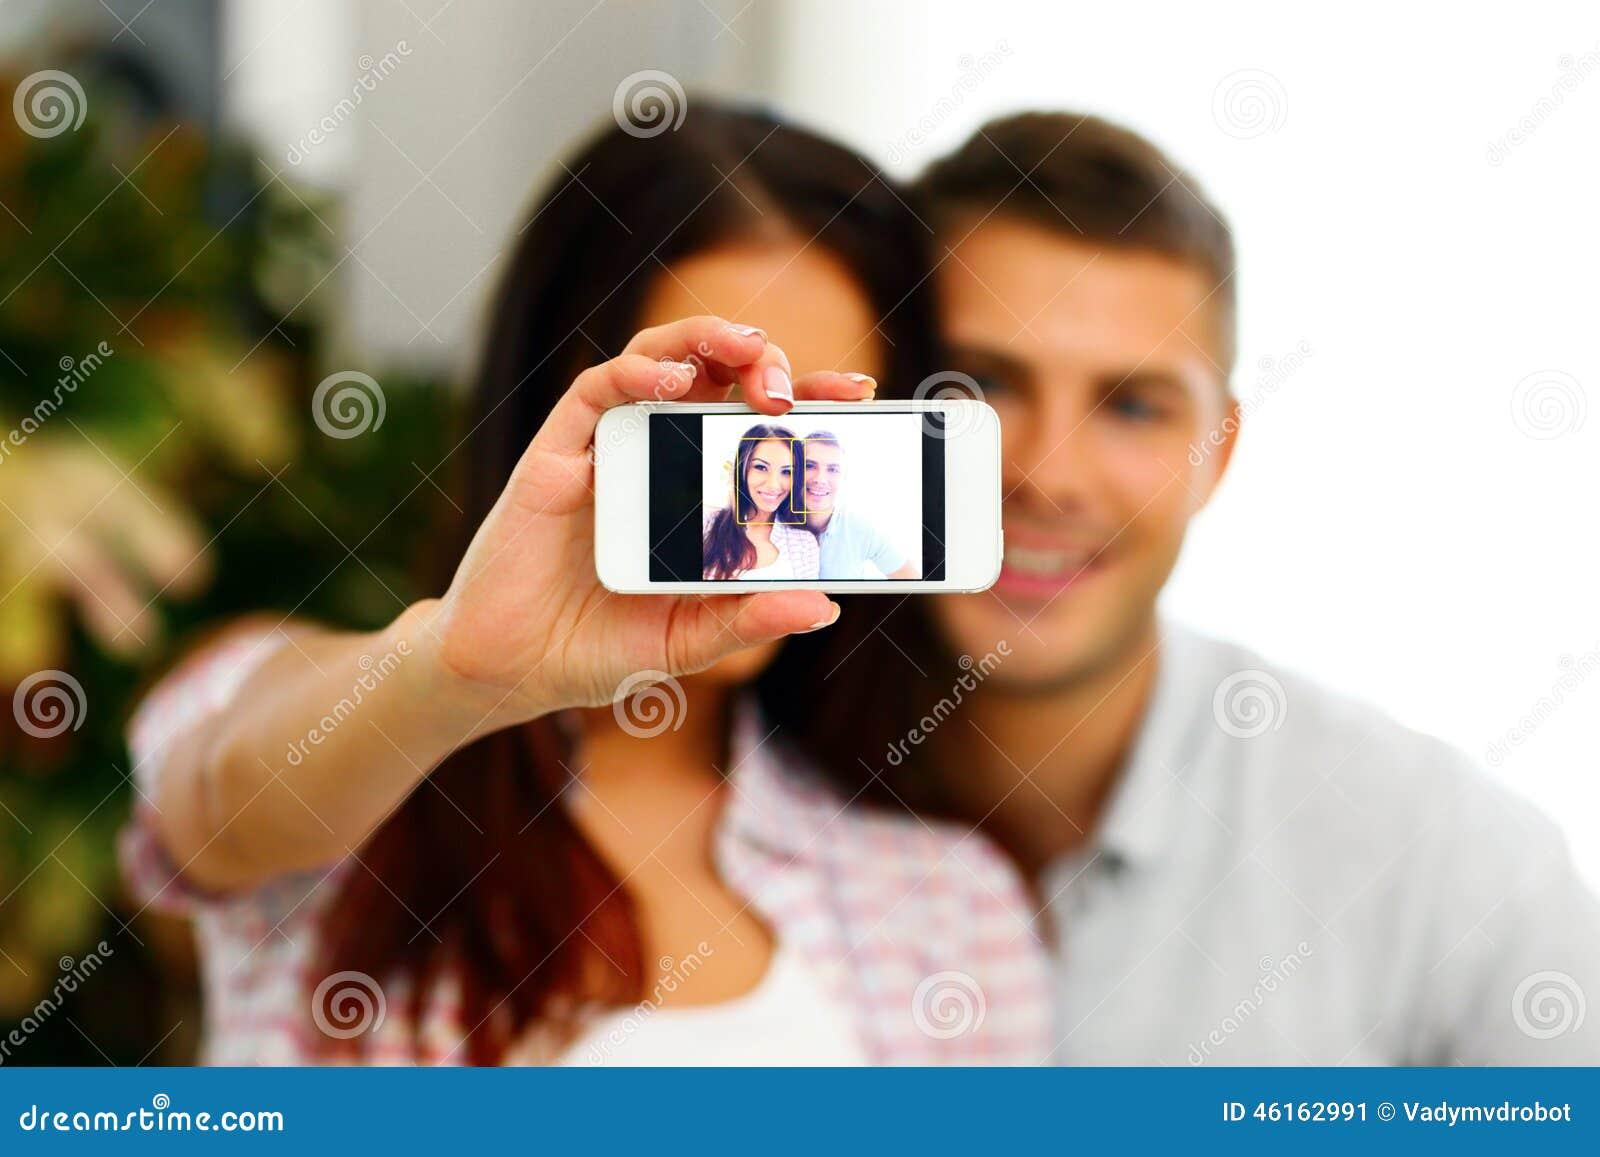 Glückliches Paar, das selfie Foto mit smarphone macht